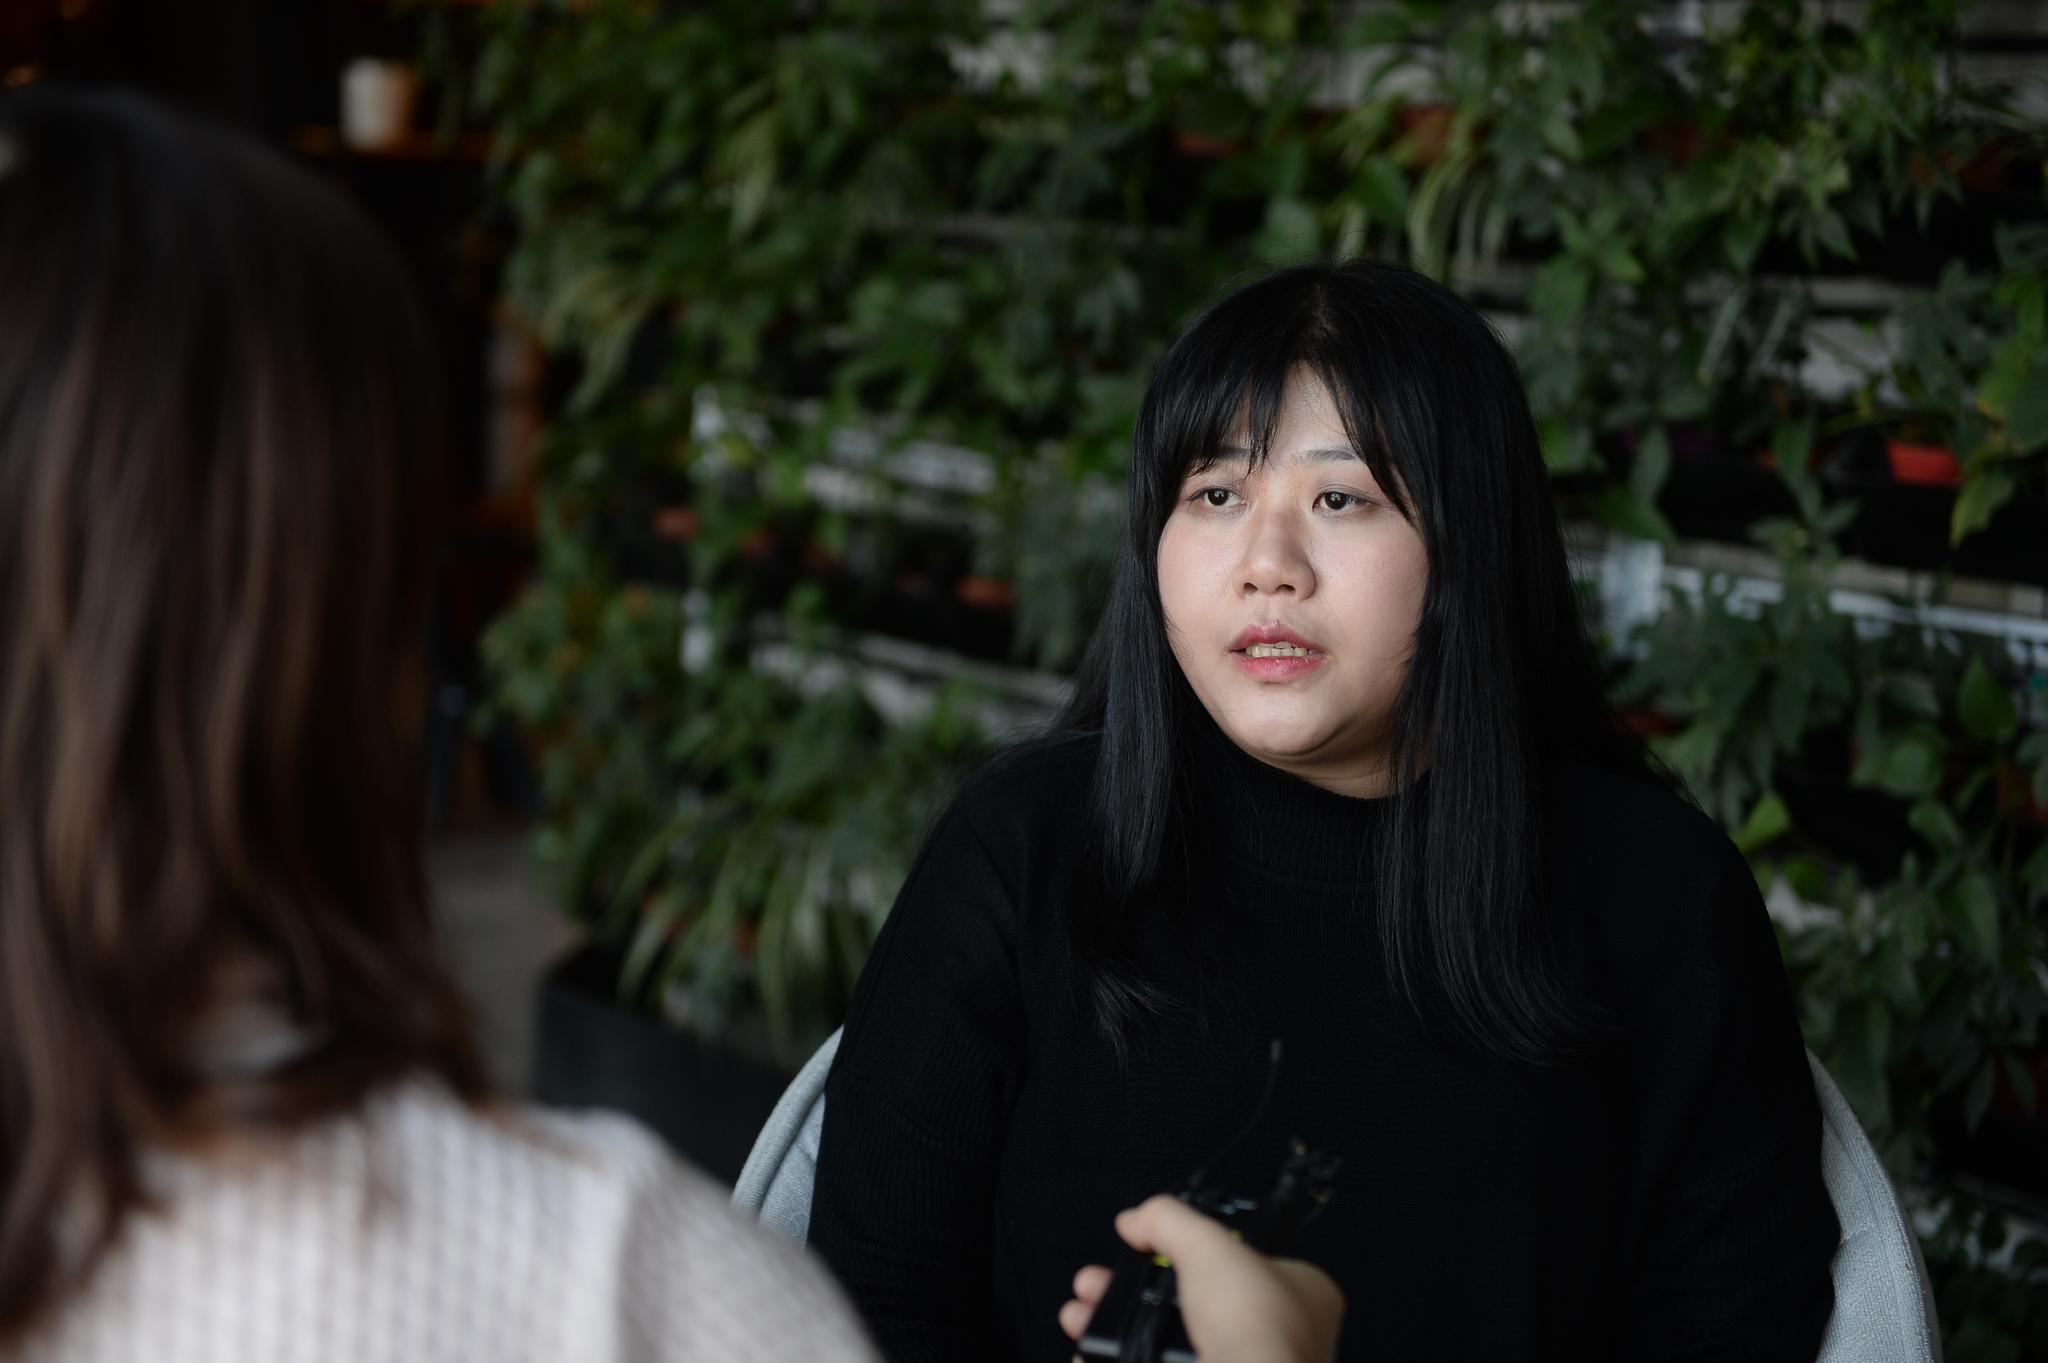 乔碧萝首次露脸采访:现在胖了的照片 - 2